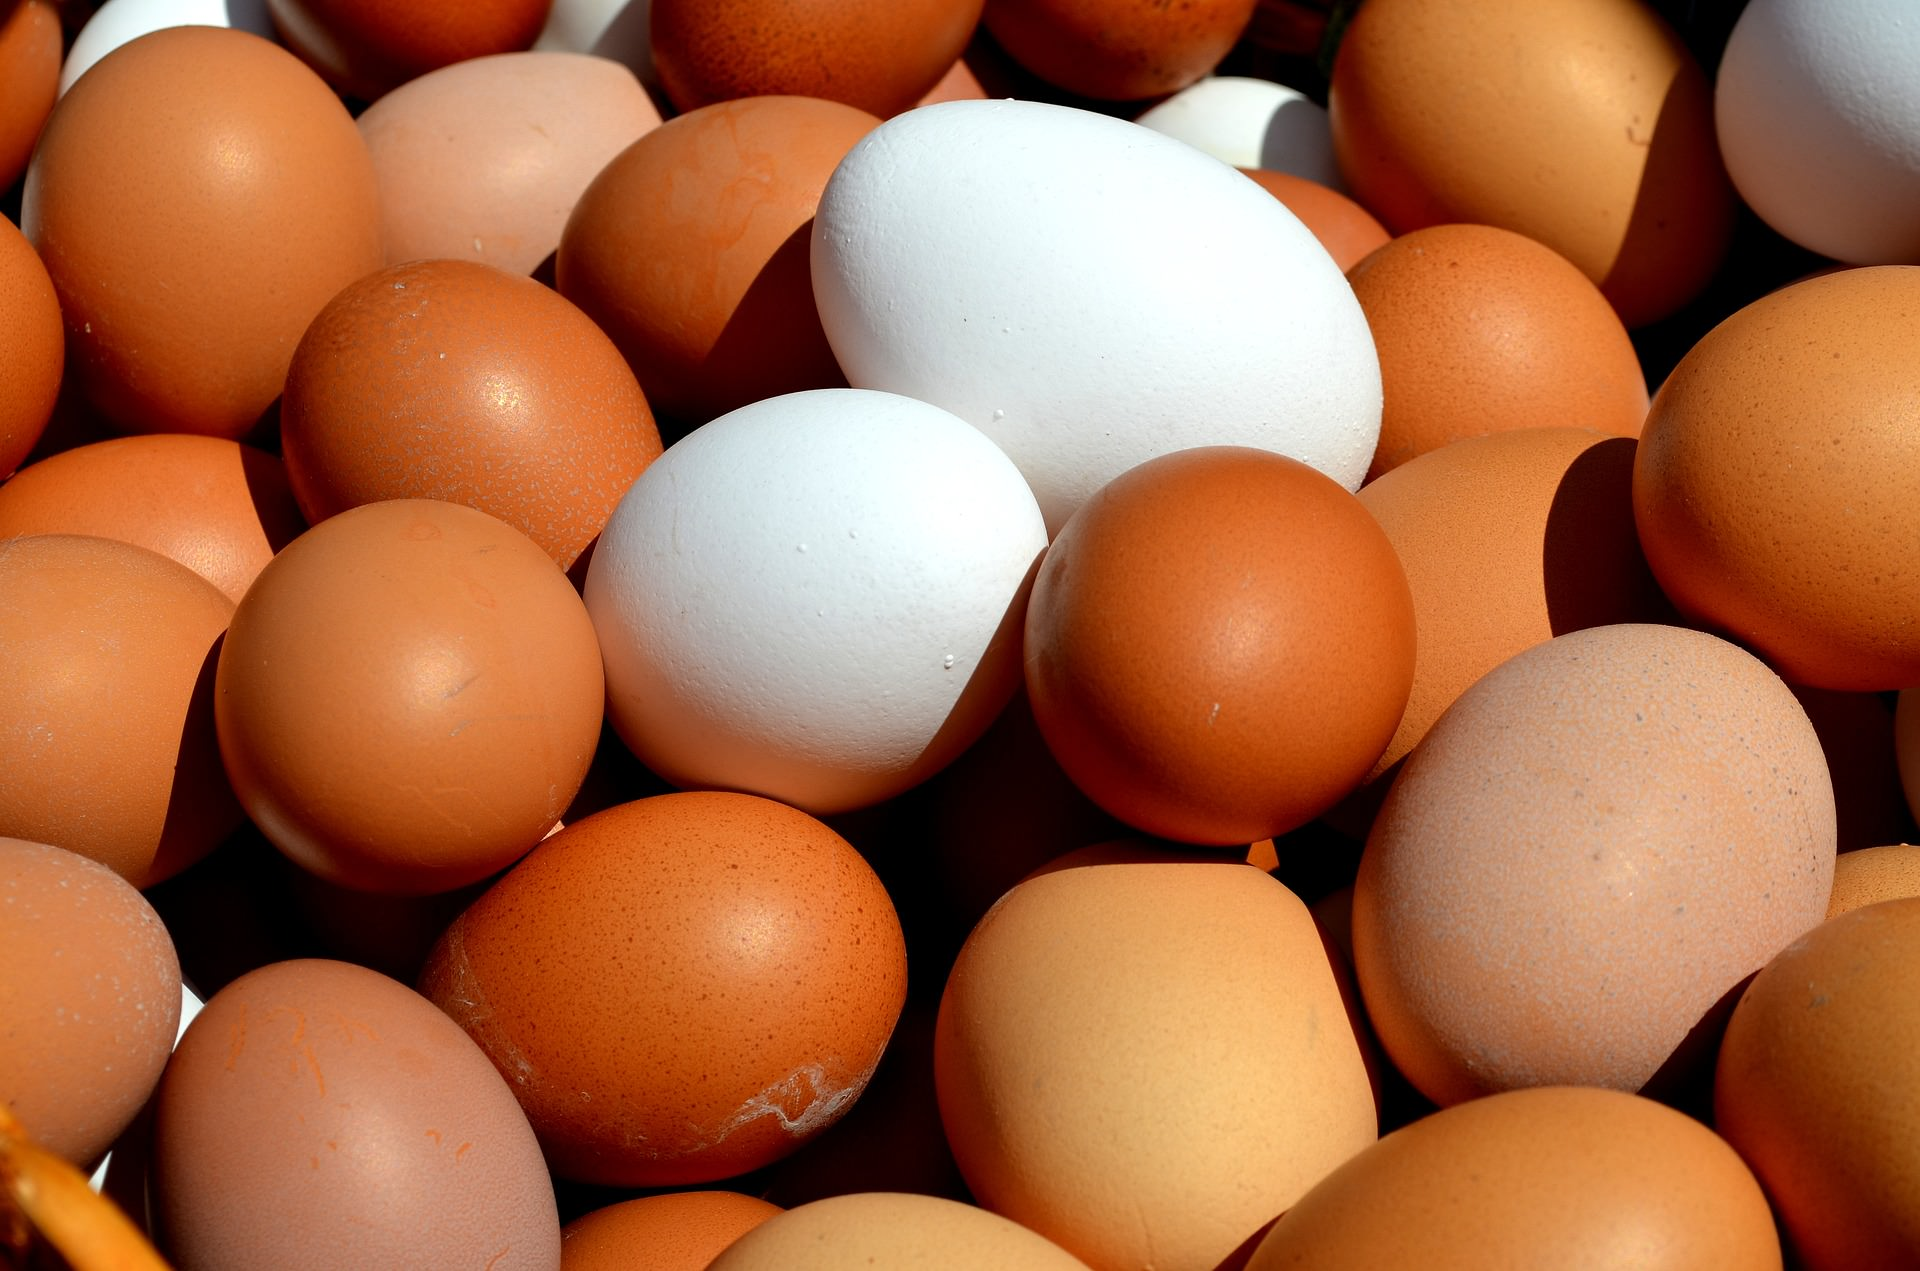 egg-2580904_1920.jpg